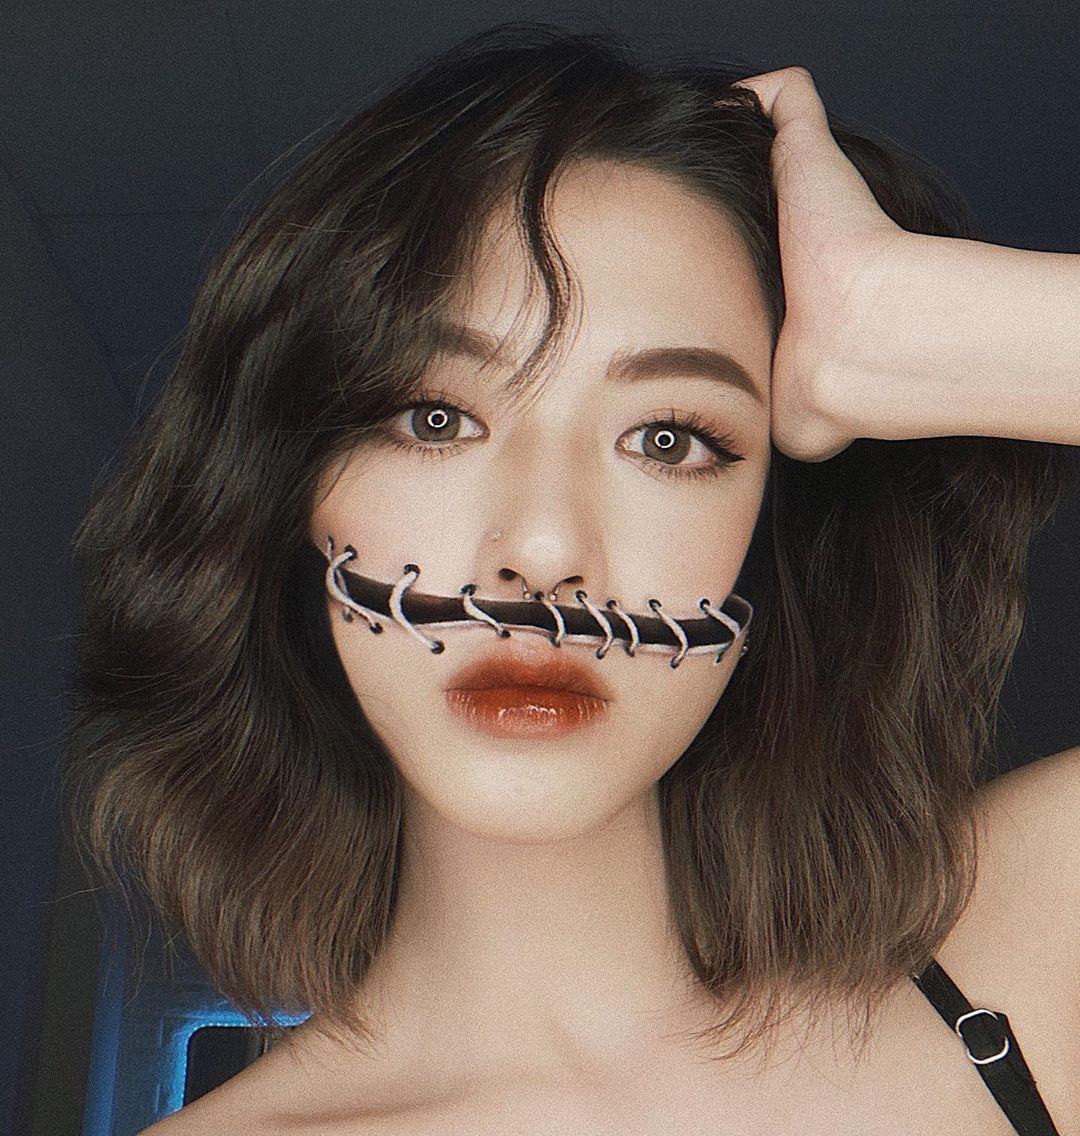 (Fonte: Hoa Trang/Instagram/Reprodução)